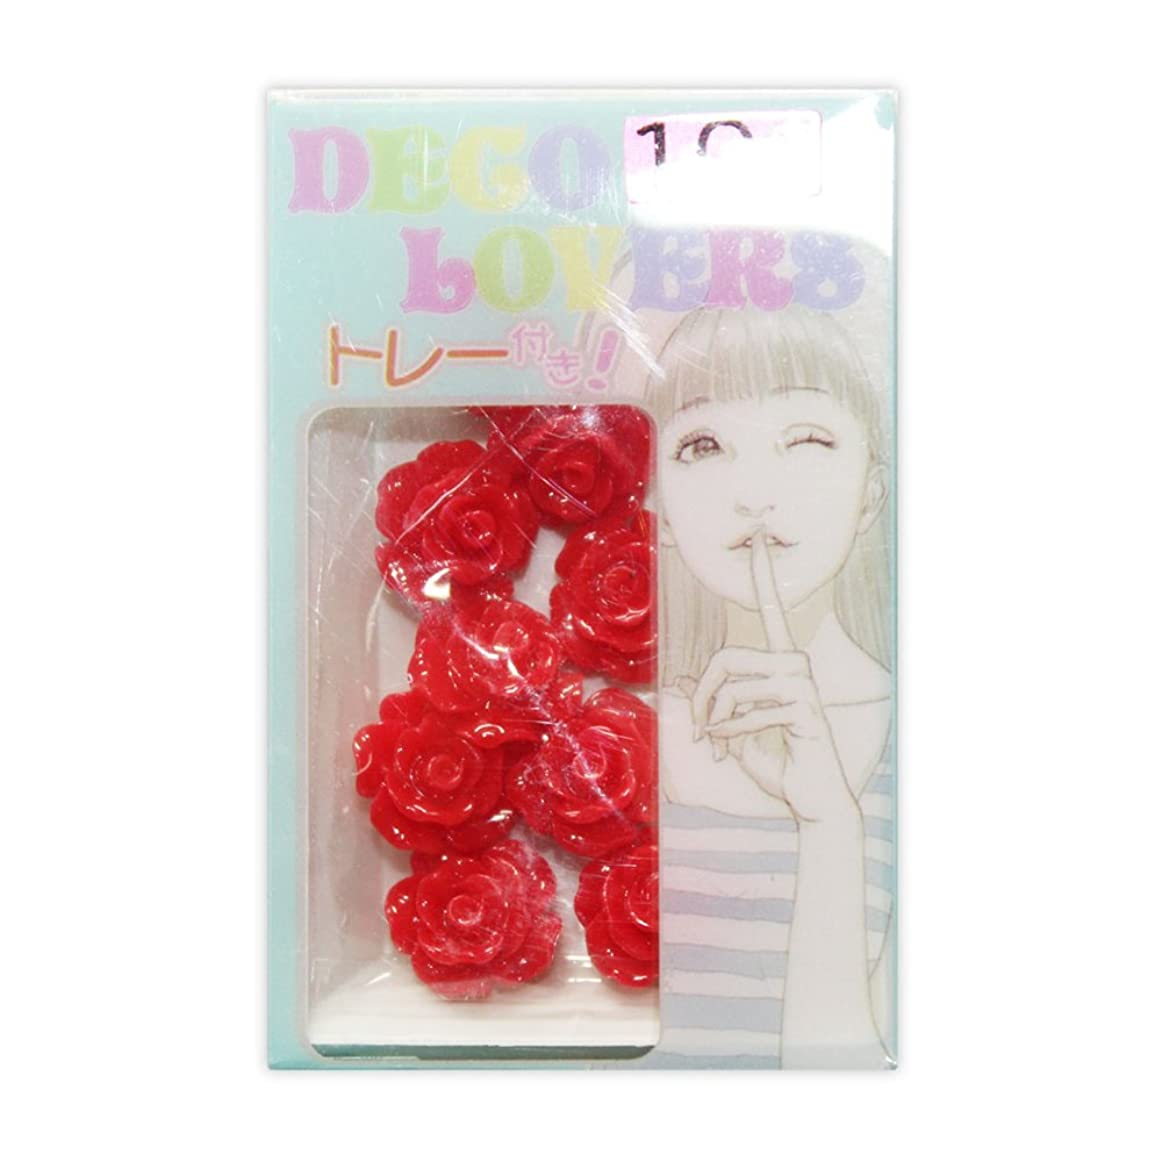 規定ディベート地中海ラインストーン DL017/flower rosem red